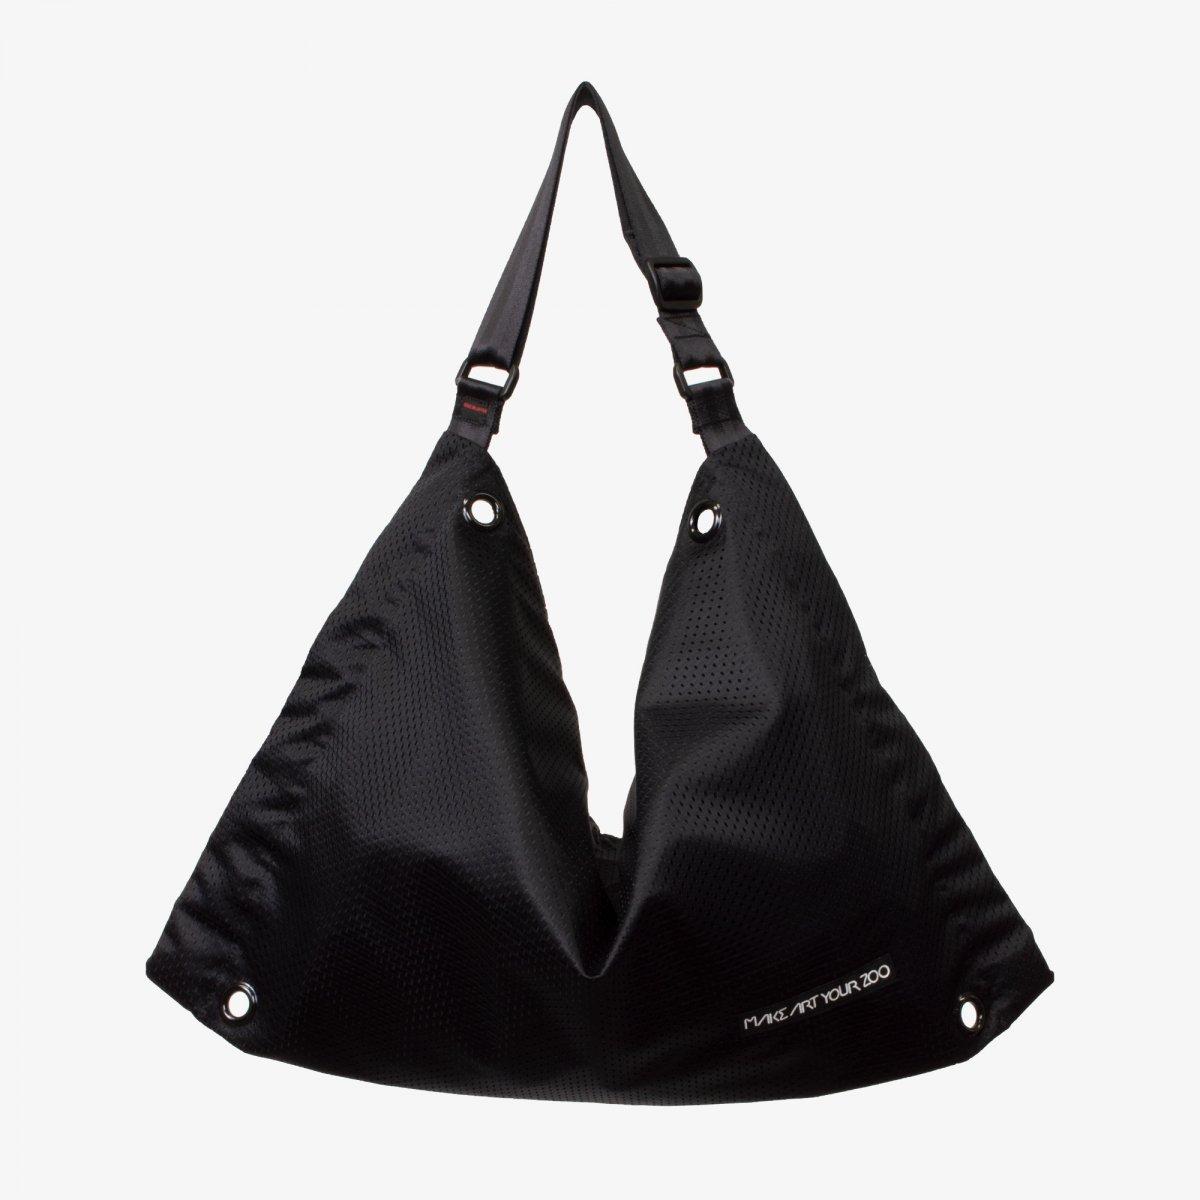 4ac7f30c1160 ファスバッグ Lサイズ メッシュ (All Black) - 軽いユニセックスのバッグ ...